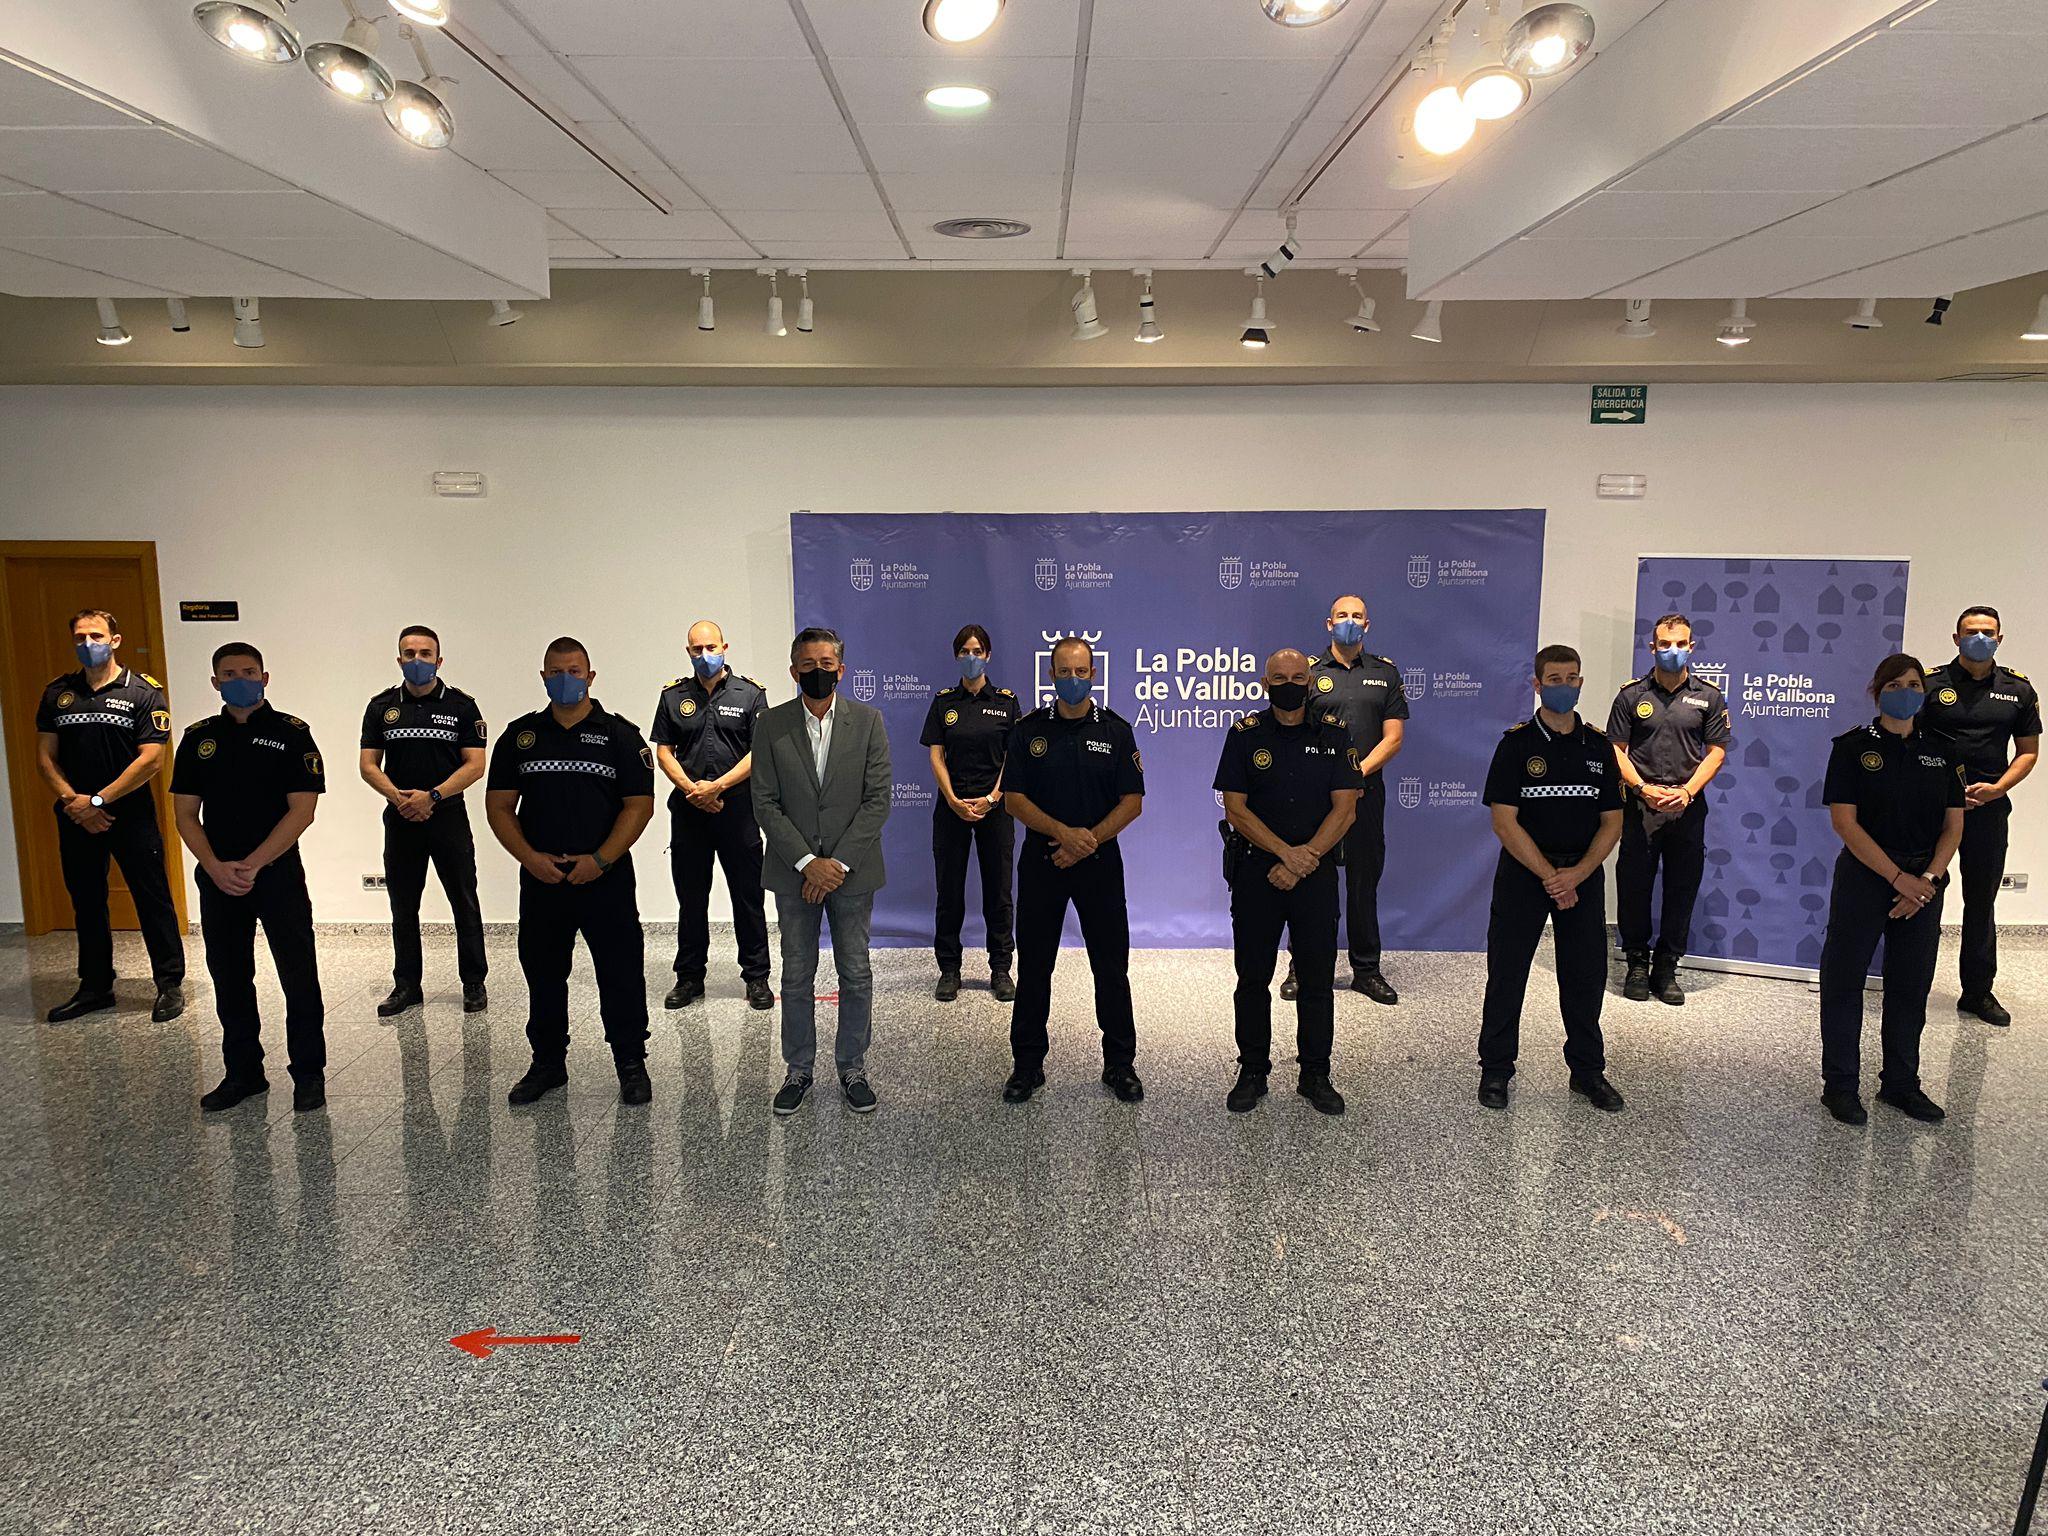 L'Ajuntament presenta els 13 agents que s'incorporen a la Policia Local